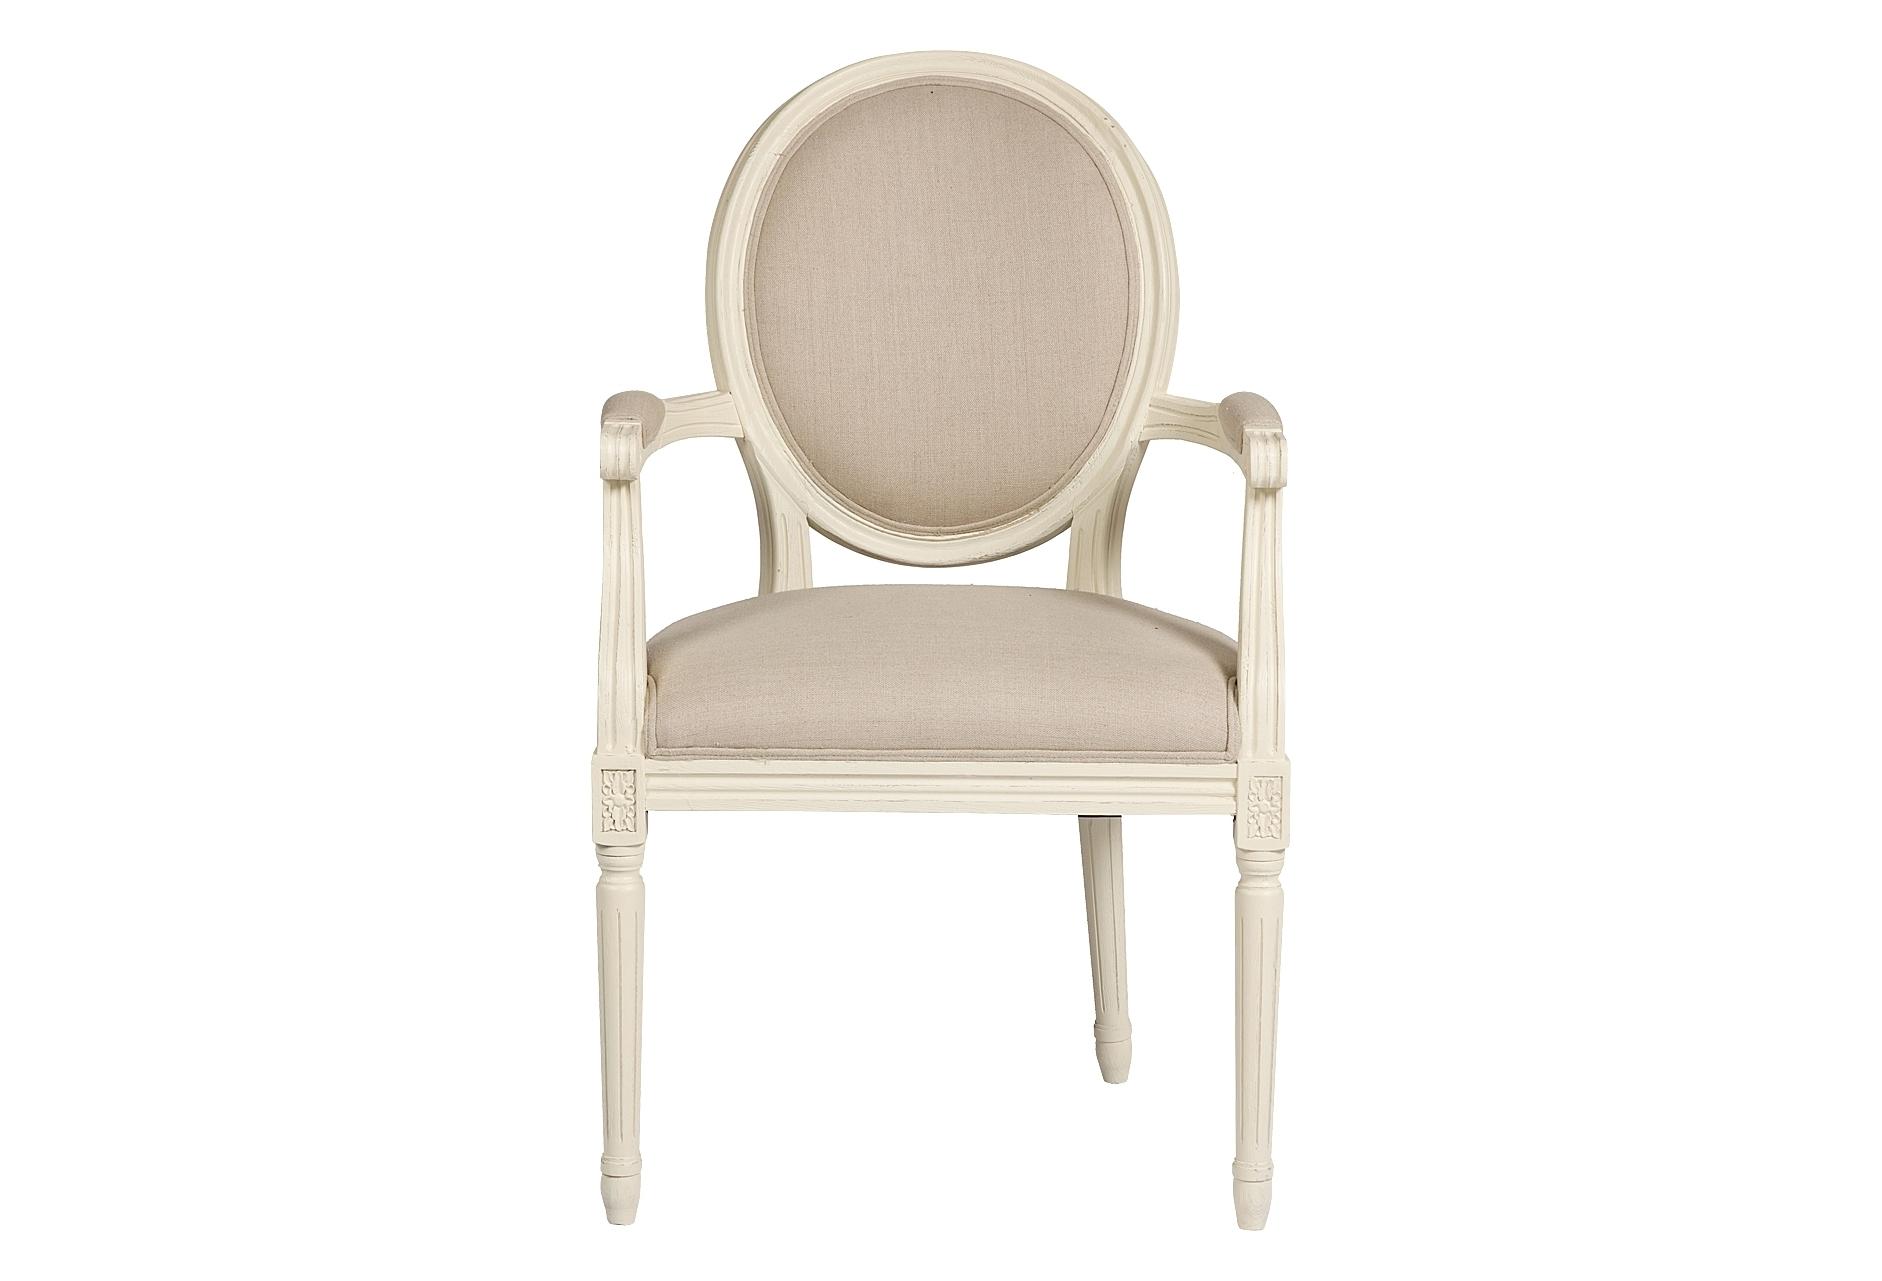 Кресло Vintage French RoundСтулья с подлокотниками<br>Это кресло напоминает мебель времен Людовика и Марии-Антуанет. Ведь именно тогда был пик расцвета стилей Прованс и Барокко. Выполненное в современном толерантном стиле, кресло Vintage French Cane Back Round, тем не менее, ярко показывает свои французские истоки. Действительно, оно бы украсило не один дворец или палаццо. Классические округлые формы деревянного каркаса из дуба, своеобразная спинка в виде медальона, высокие тонкие ножки и округлые бока — стиль Прованс! Простое и изысканное, легкое и воздушное, кокетливое и притягательное — вот так можно описать кресло Vintage French Cane Back Round.<br><br>Material: Лен<br>Width см: 58,5<br>Depth см: 61<br>Height см: 102